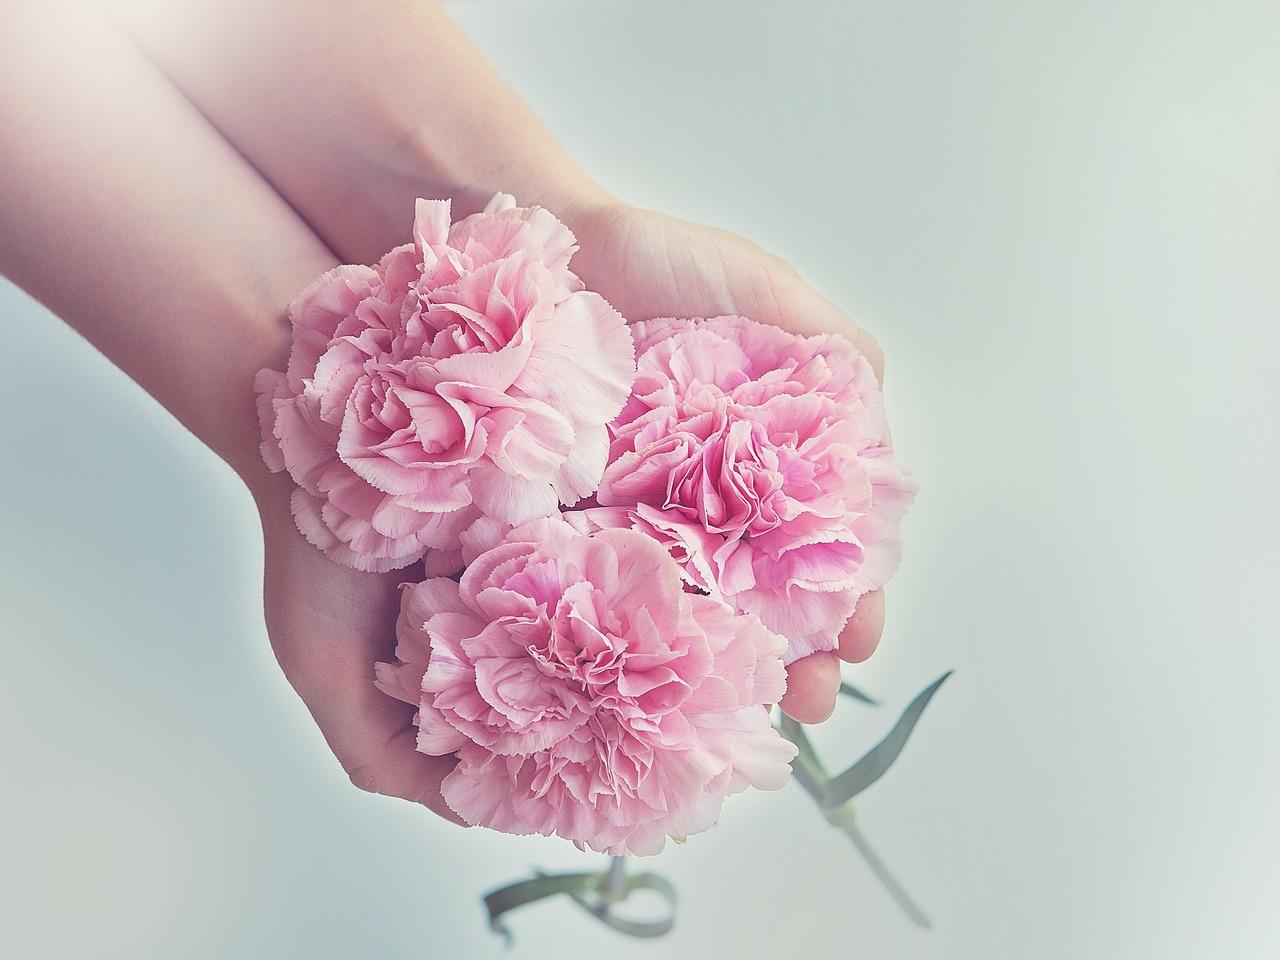 愛、幸せ、受け入れる、自分にオッケー、自分にOK、自分を許す